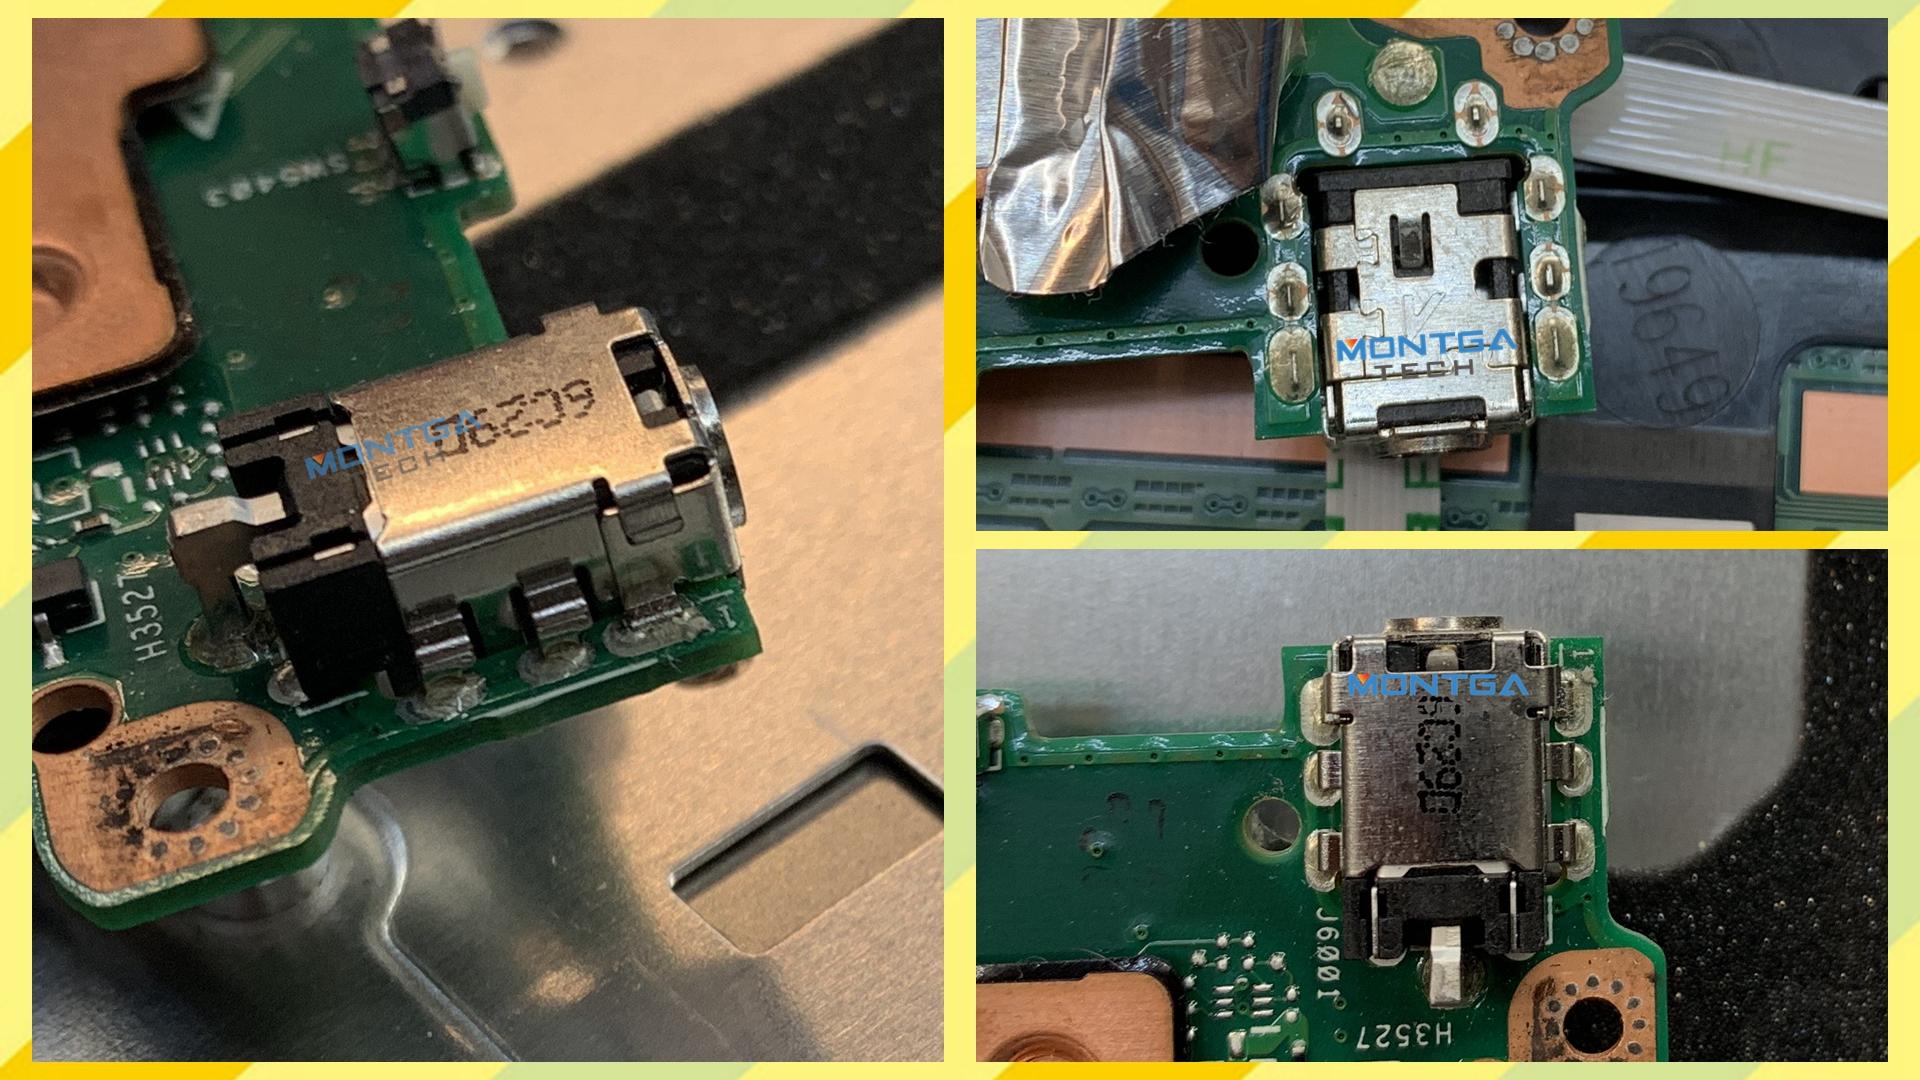 repair charging connector Asus E406S, repair DC Power Jack Asus E406S, repair Jack socket Asus E406S, repair plug Asus E406S, repair DC Alimantation Asus E406S, replace charging connector Asus E406S, replace DC Power Jack Asus E406S, replace Jack socket Asus E406S, replace plug Asus E406S, replace DC Alimantation Asus E406S,